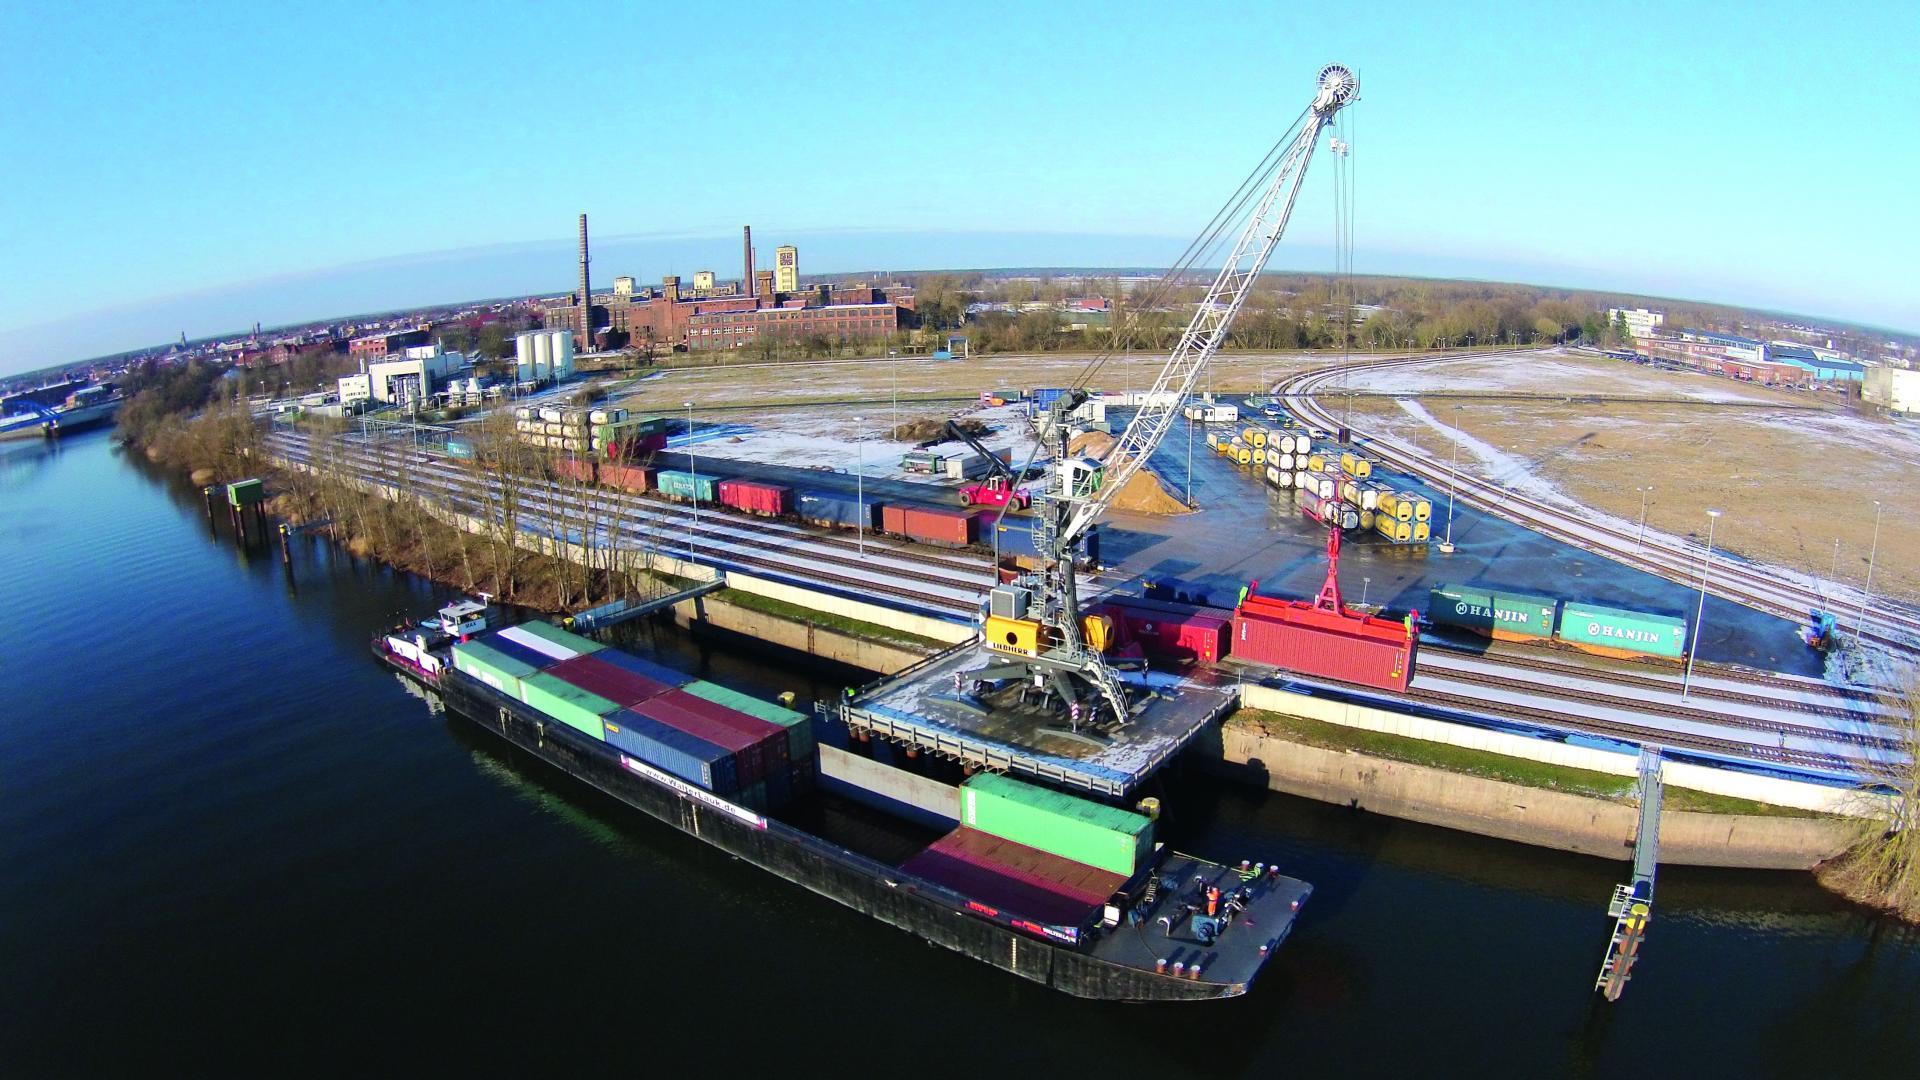 Elbeport